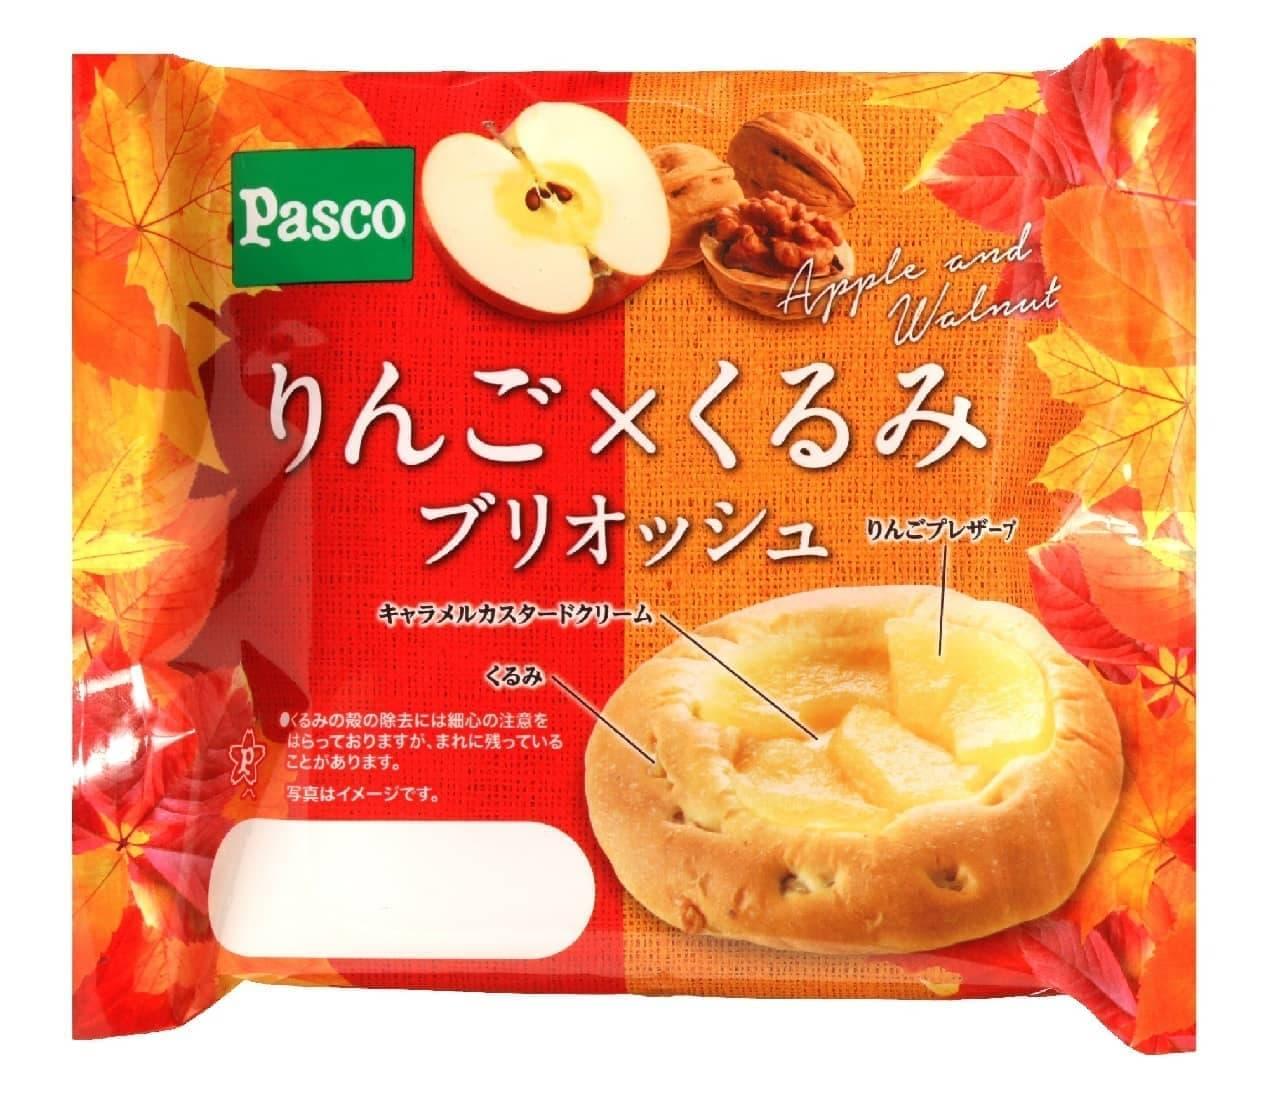 パスコ「りんご×くるみ ブリオッシュ」